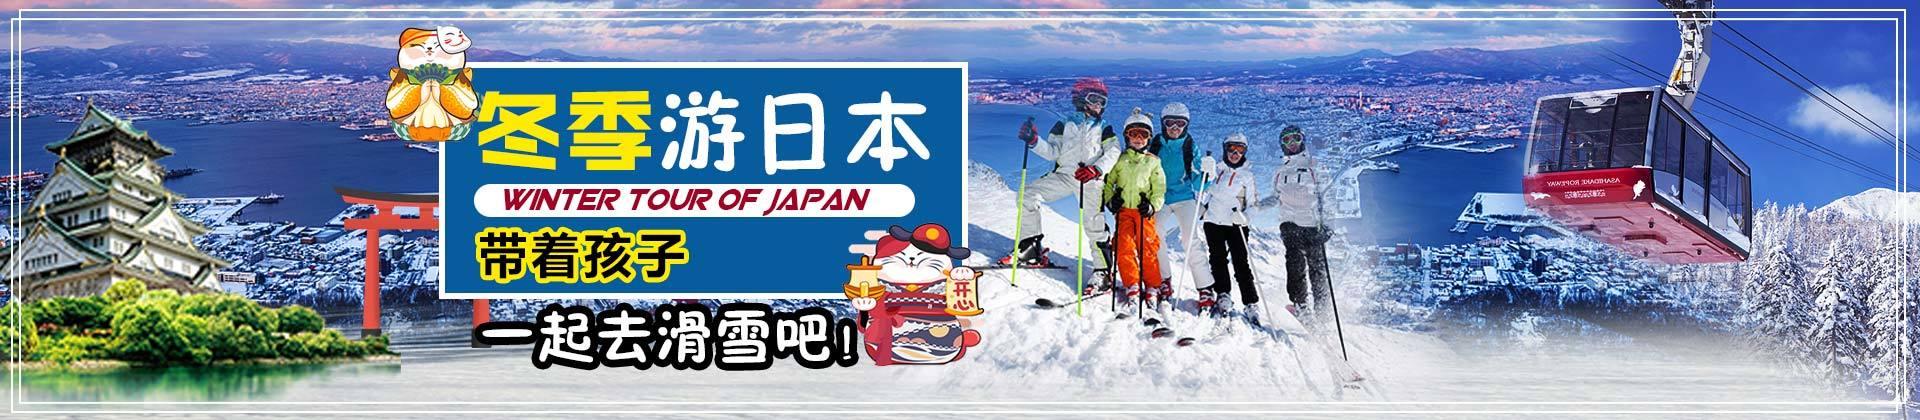 合肥到日本旅游<br/>安徽中青旅日本游